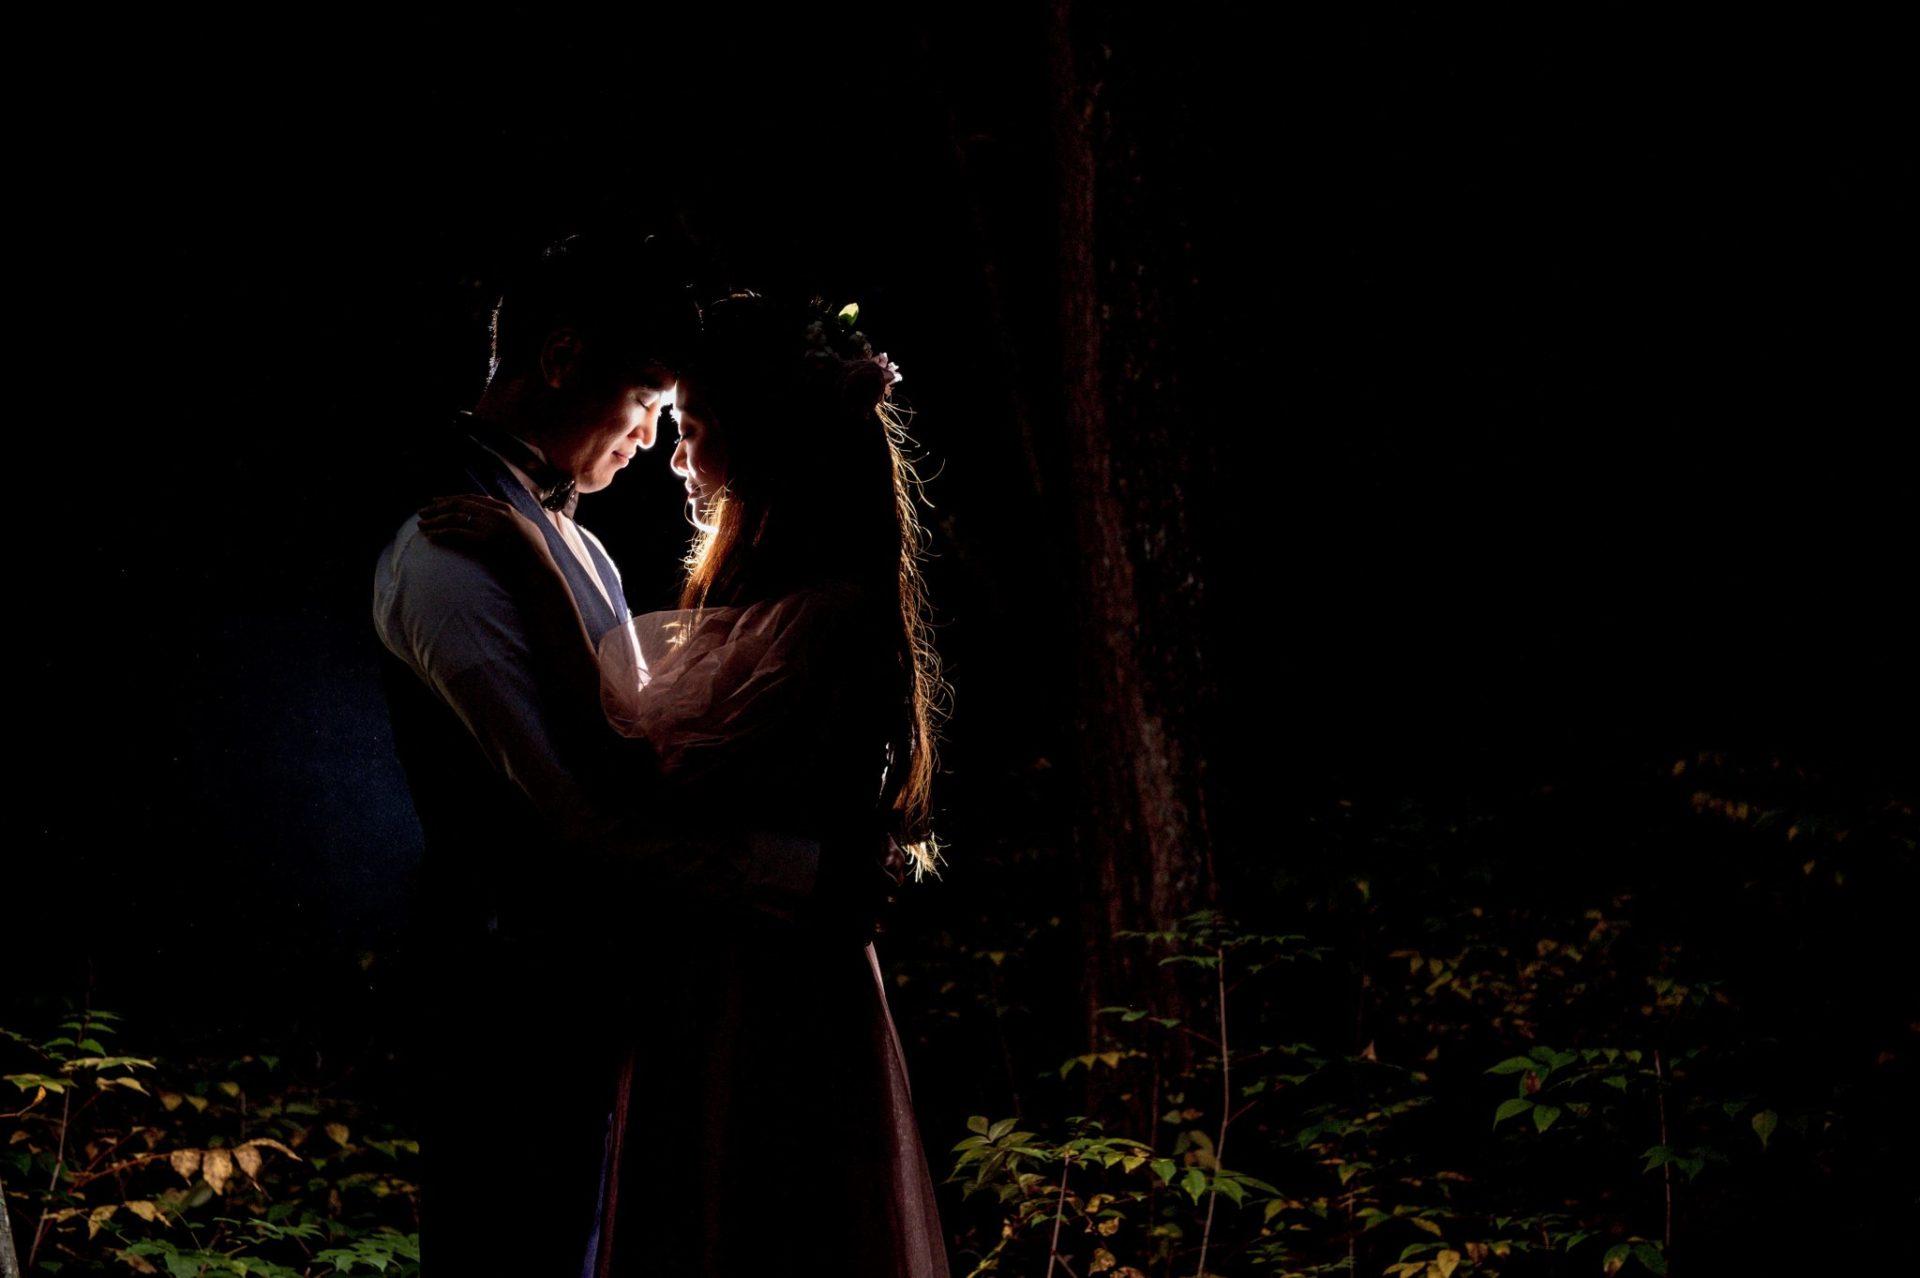 べるが(verga)での結婚式-森撮影